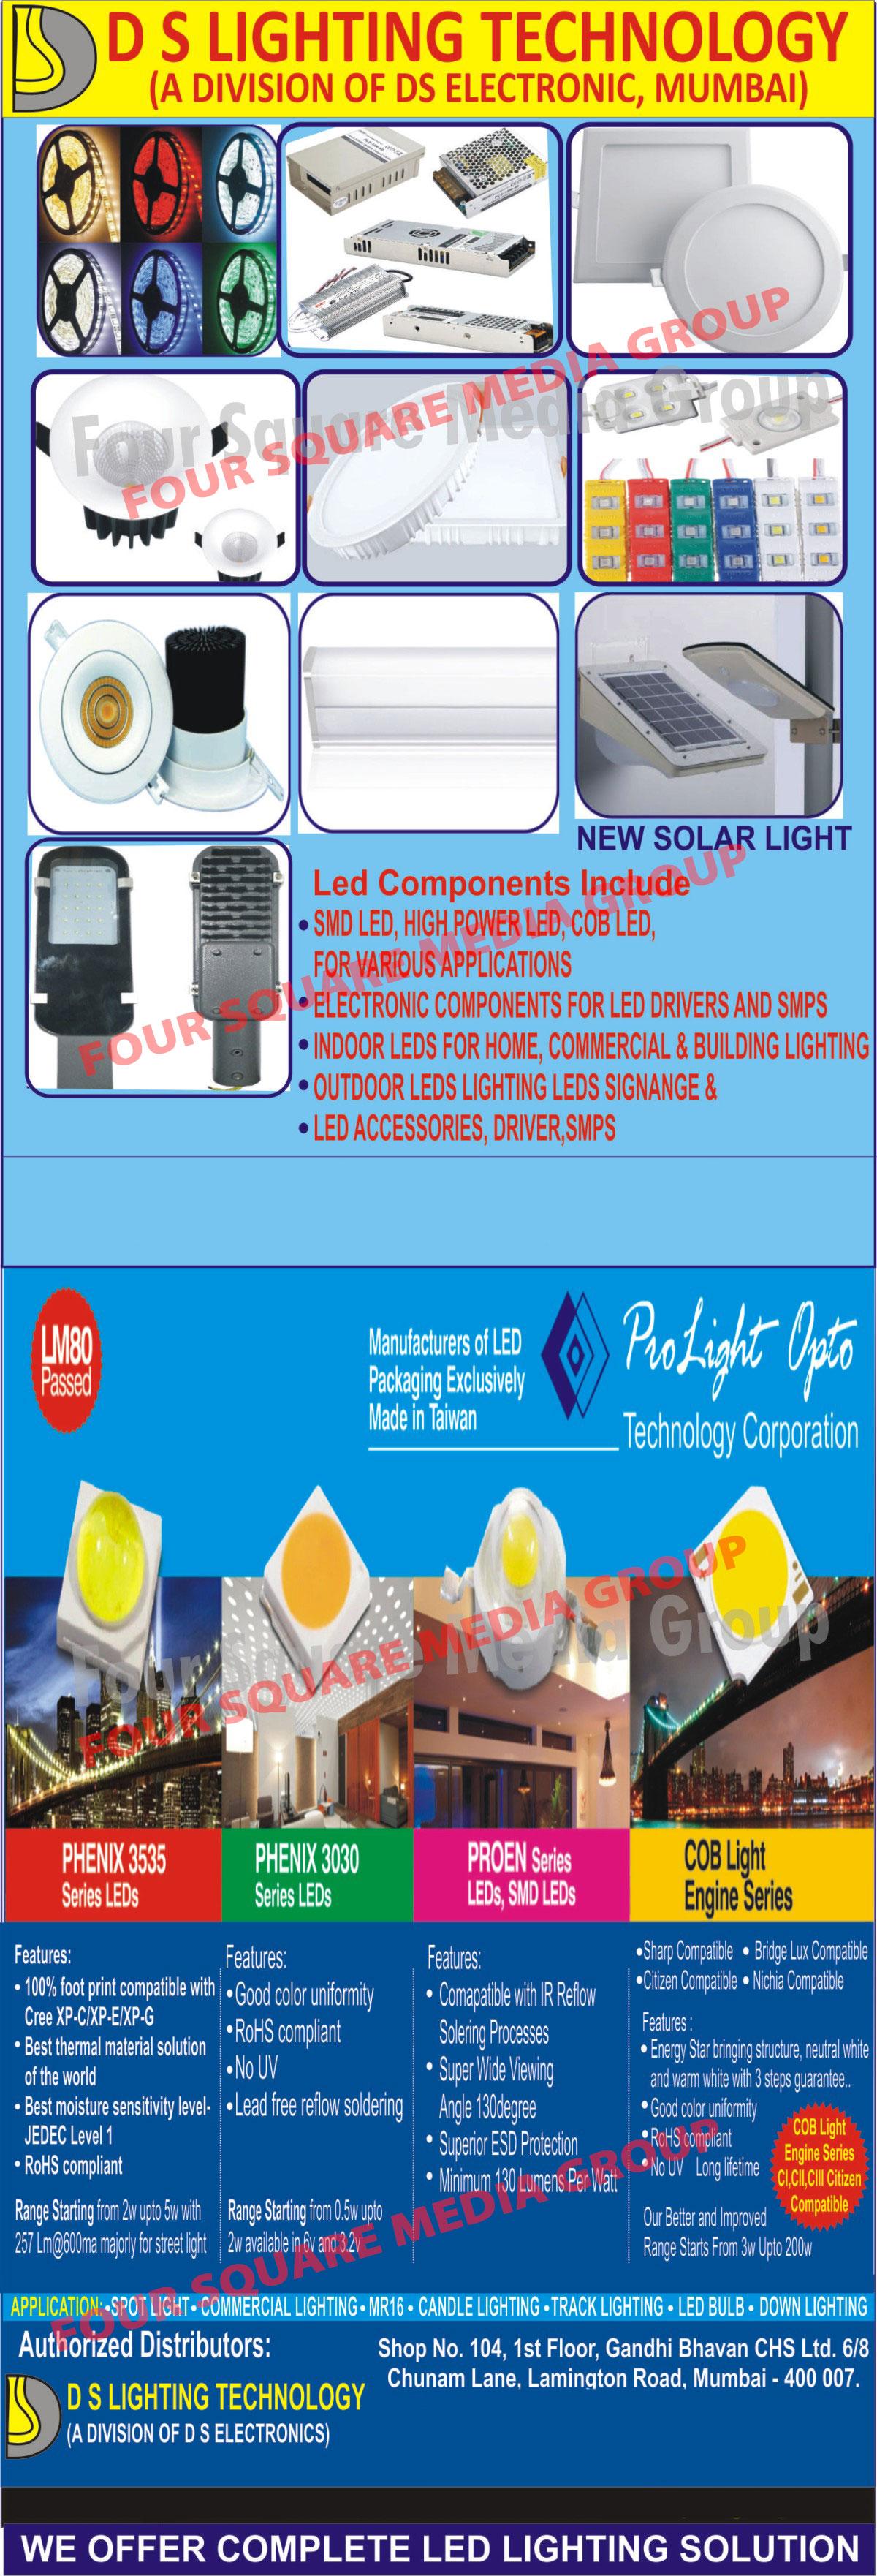 Led Components, SMD LEDs, High Power LEDs, COB LEDs, Led Driver Electronic Components, SMPS Electronic Components, Led Signages, Led Accessories, Led Drivers, Led SMPS, Led Lights, Led Outdoor Lights, Led Indoor Lights